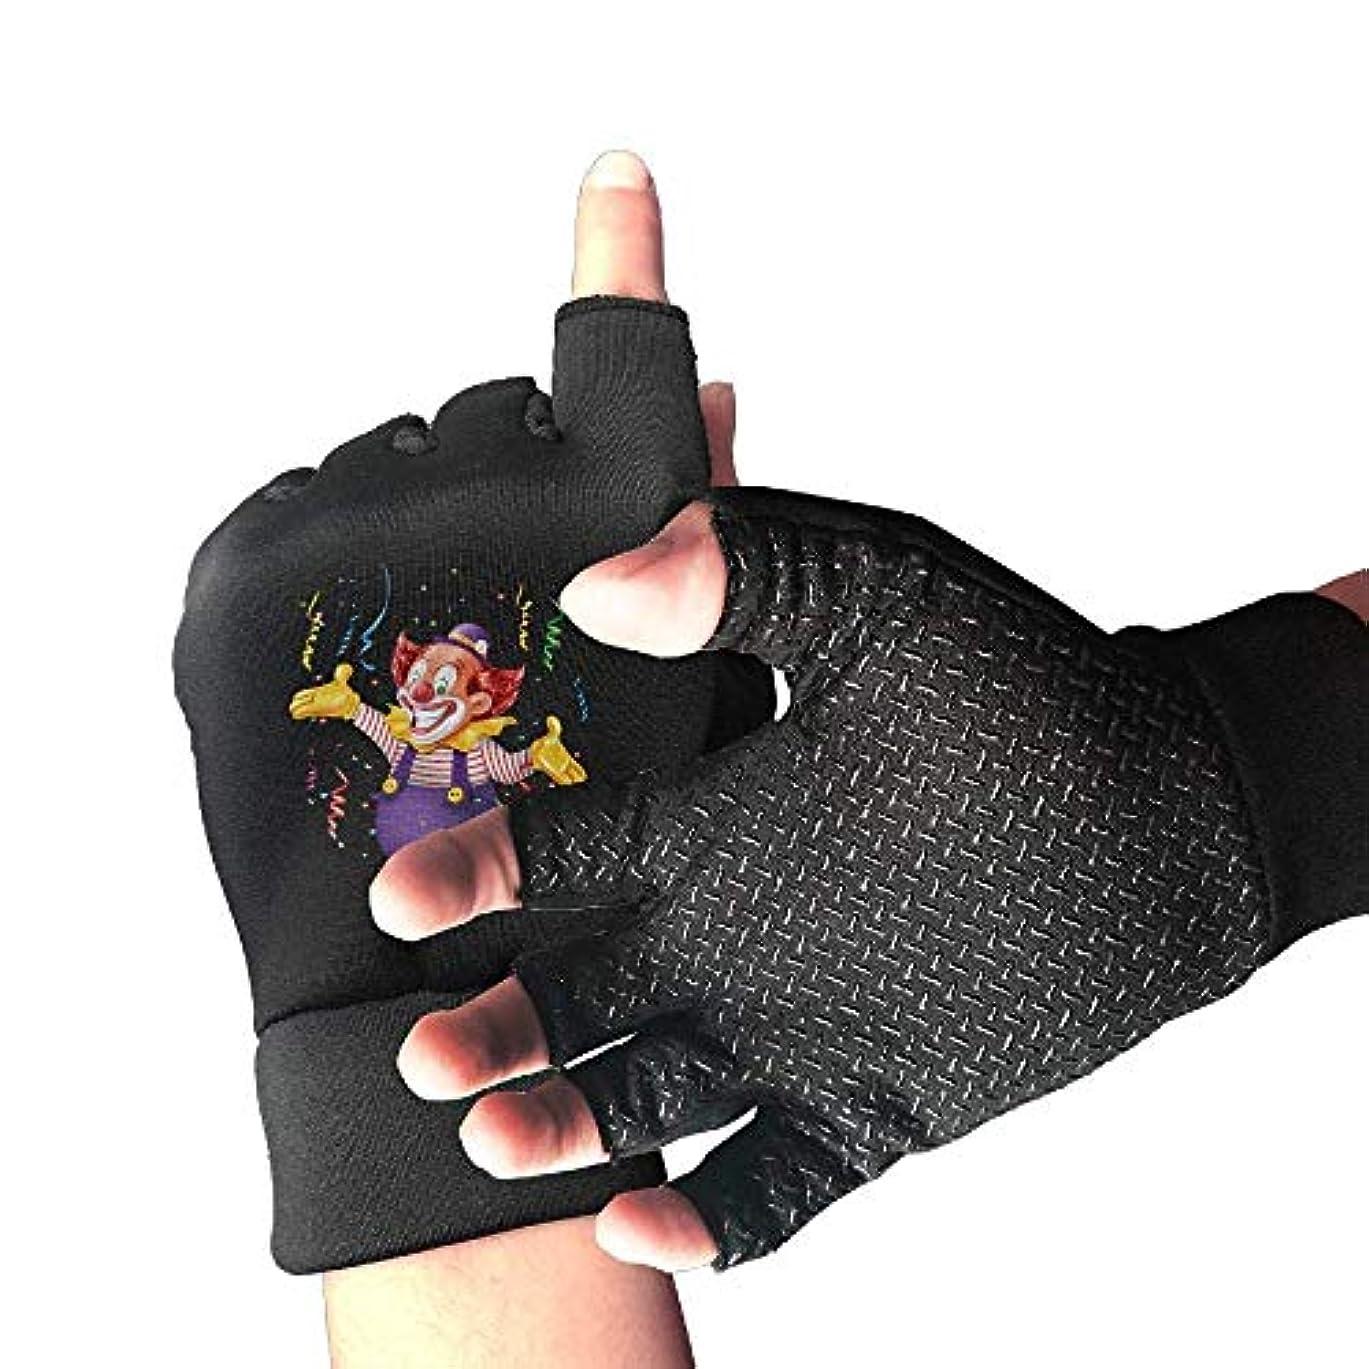 消すペイントトランクサイクリンググローブおかしい道化師の男性/女性のマウンテンバイクの手袋ハーフフィンガースリップ防止オートバイの手袋